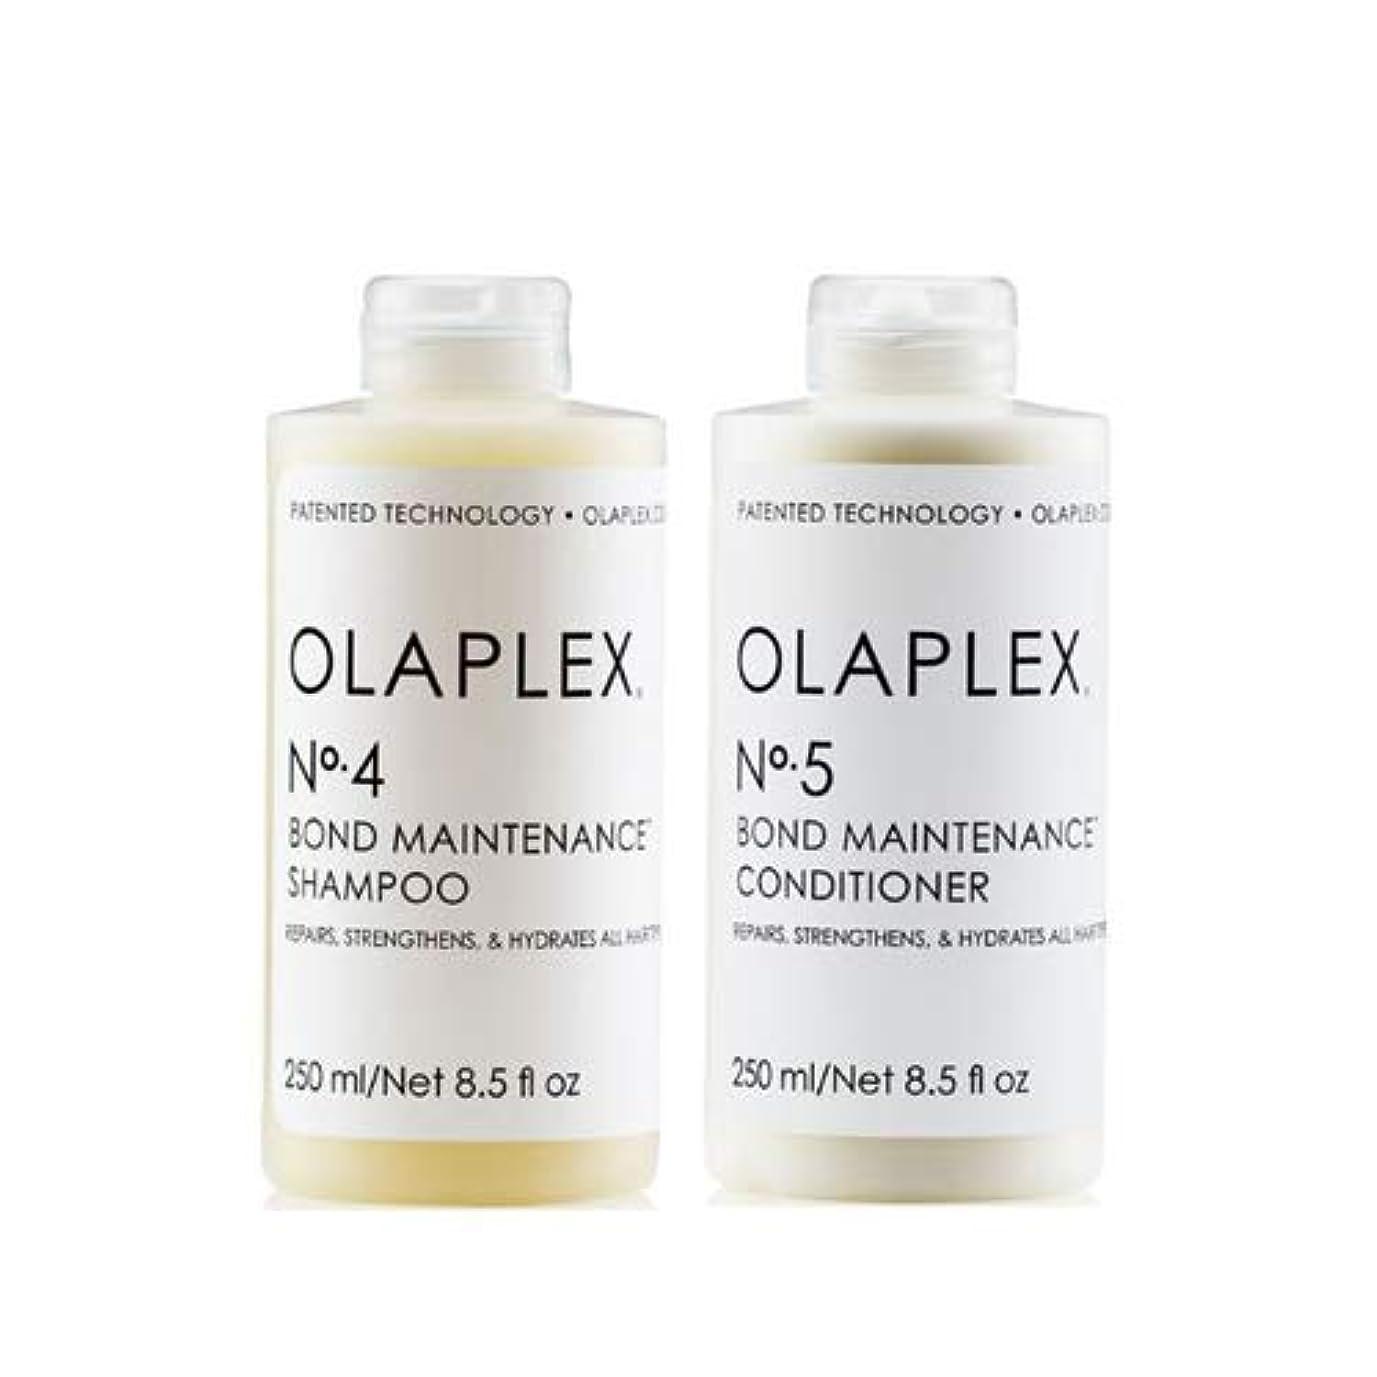 用心深い節約する受け継ぐOlaplex オラプレックス No. 4 5 ボンド メンテナンス シャンプー&コンディショナー Olaplex Bond Maintenance Shampoo & Conditioner 【並行輸入品】